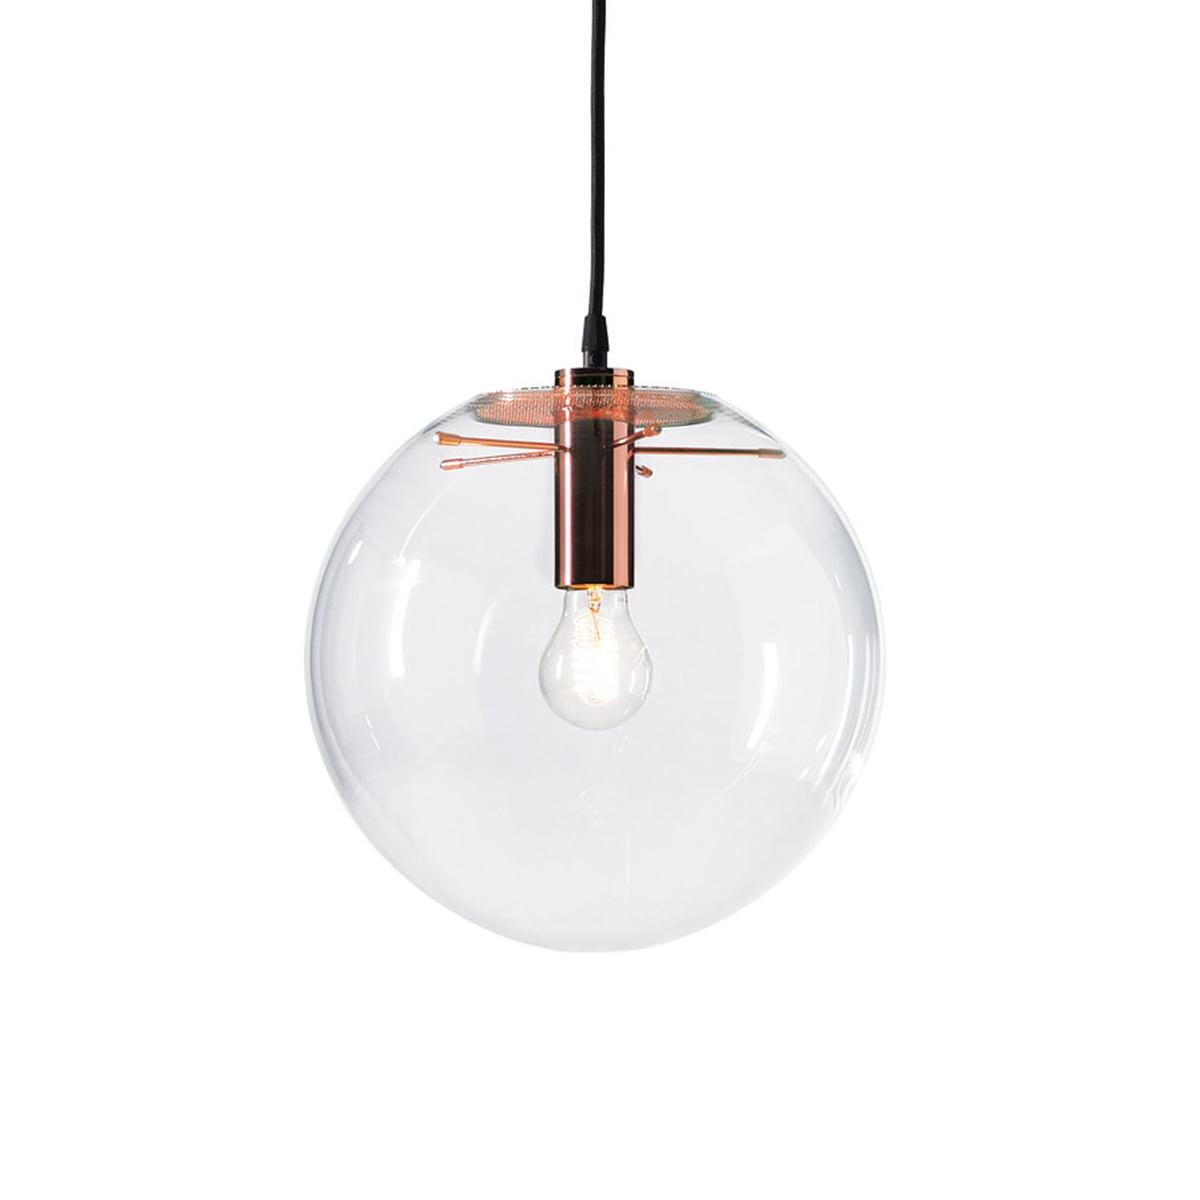 classicon selene pendant light copper 35cm